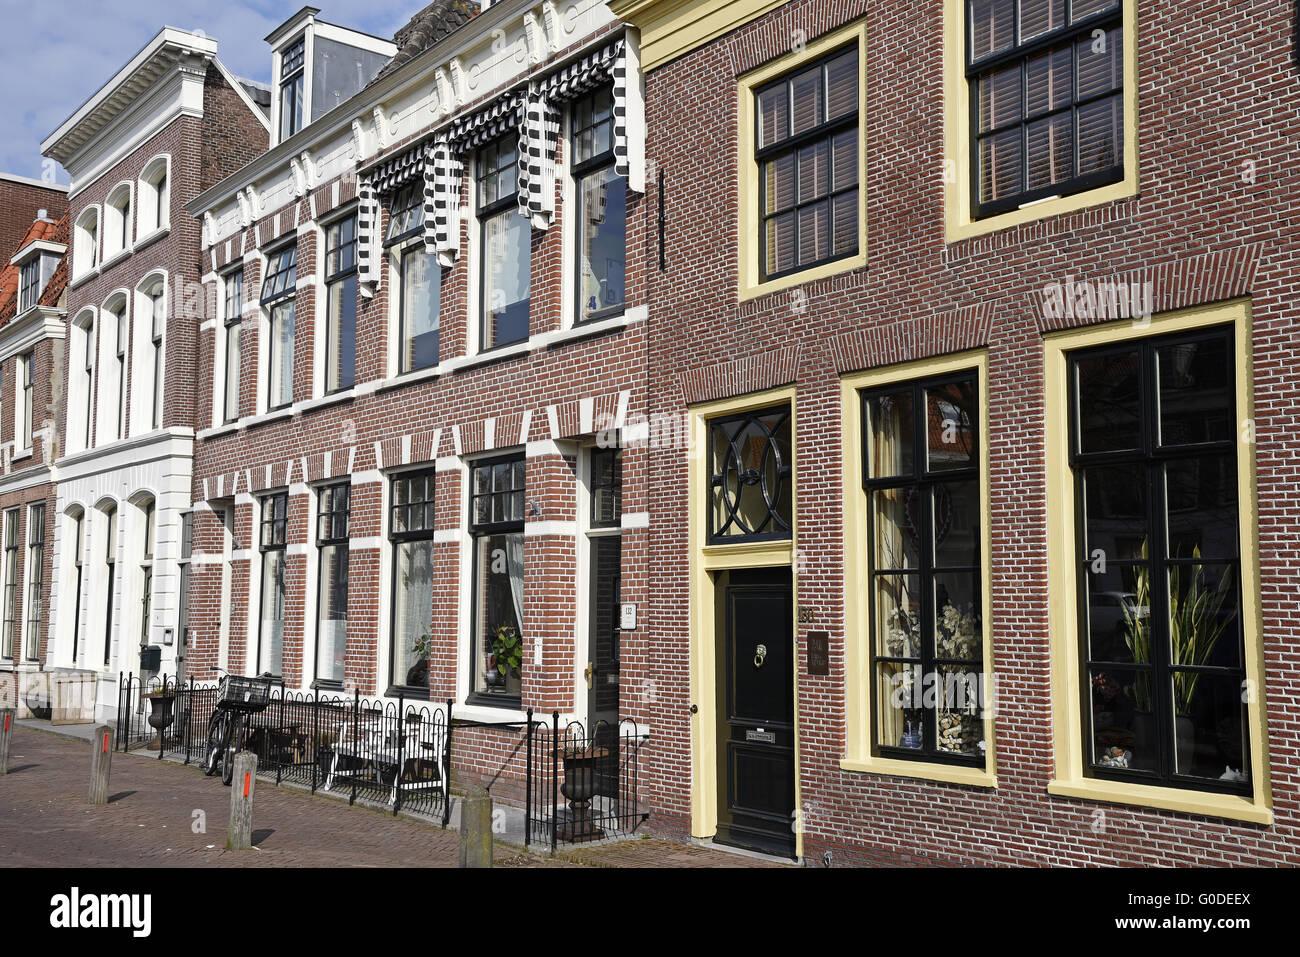 Residential houses, Alkmaar, The Netherlands - Stock Image